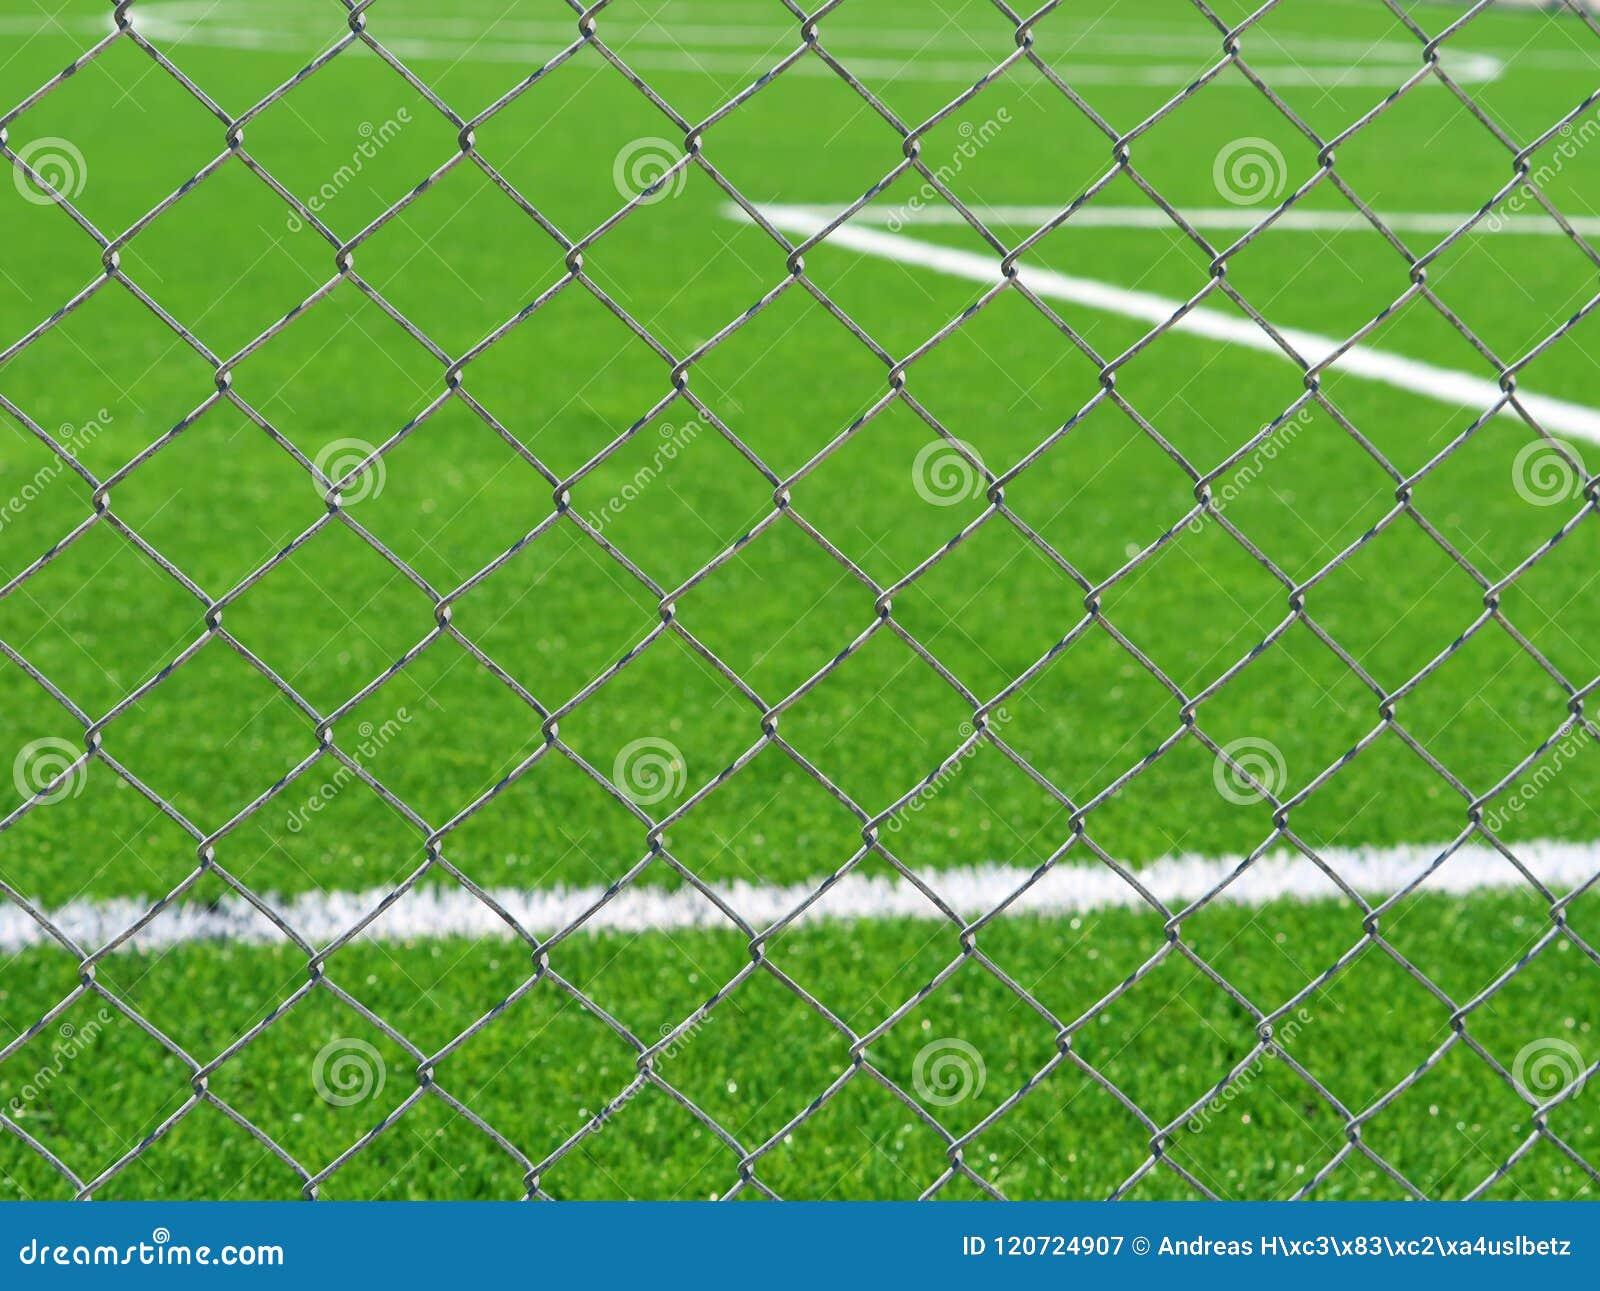 Slut upp av fotbollfältet bak staketet för chain sammanlänkning